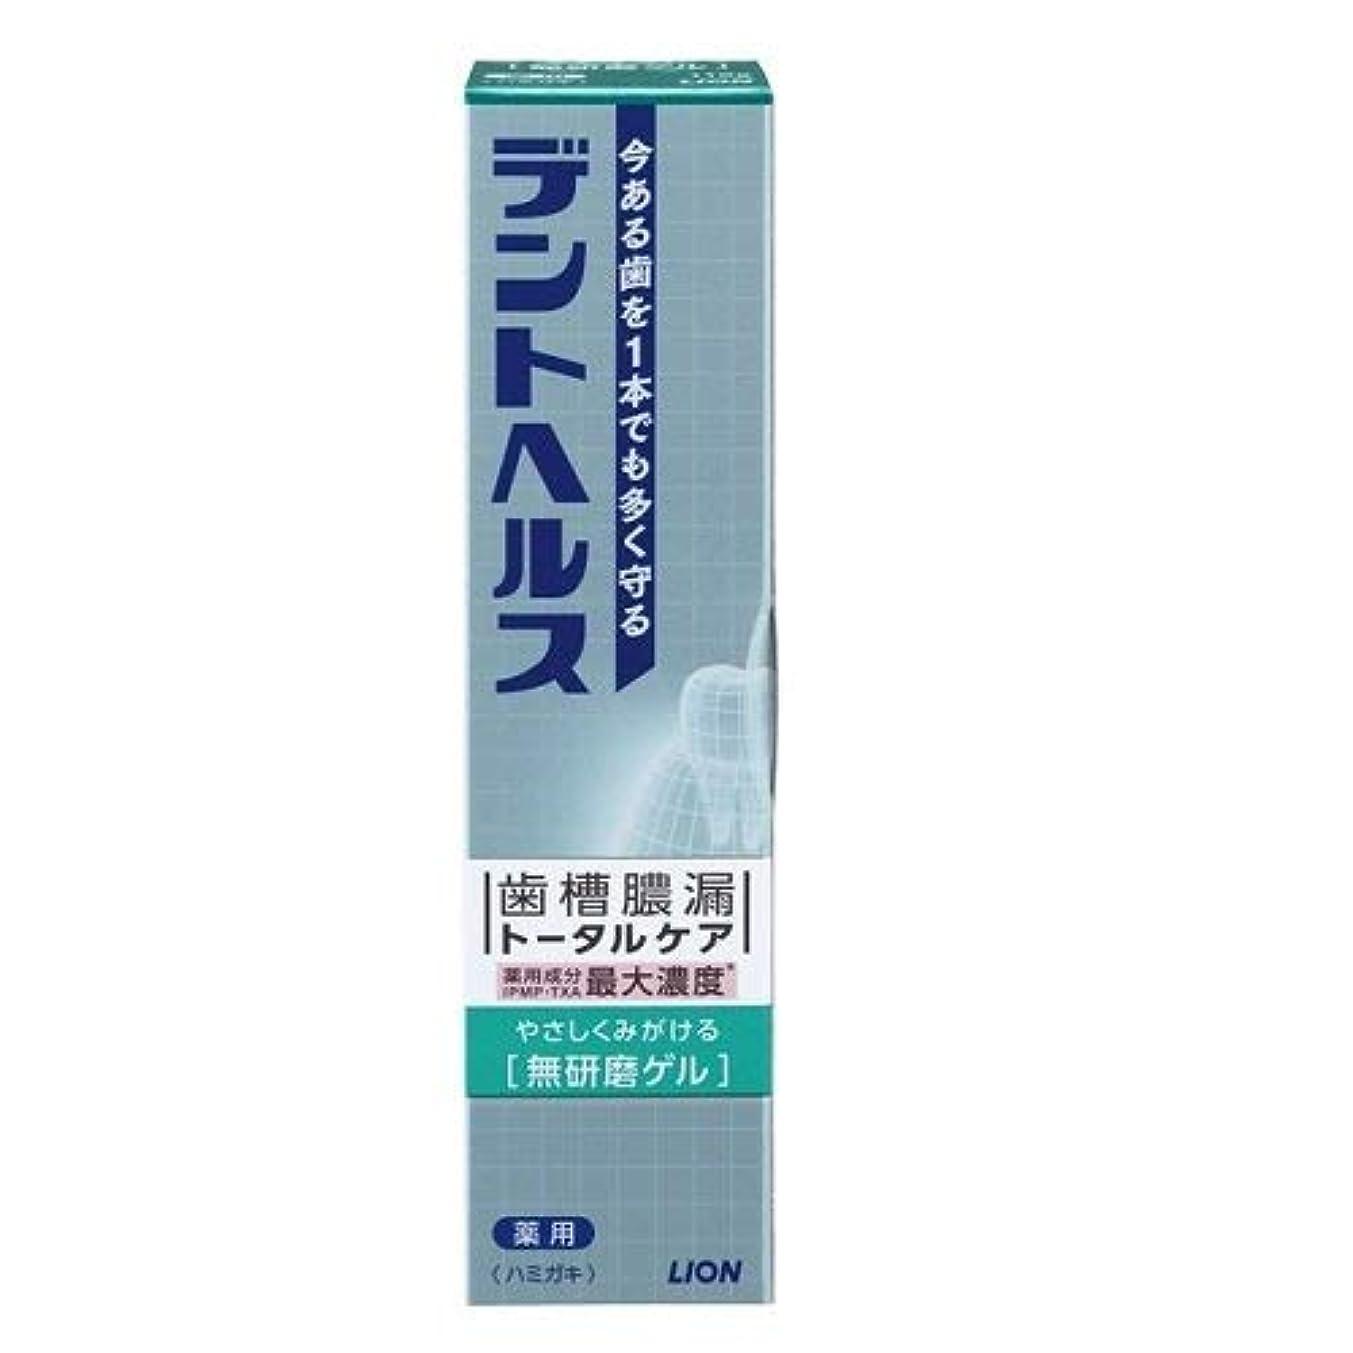 ライオン デントヘルス 薬用ハミガキ 無研磨ゲル 115g (医薬部外品)× 4